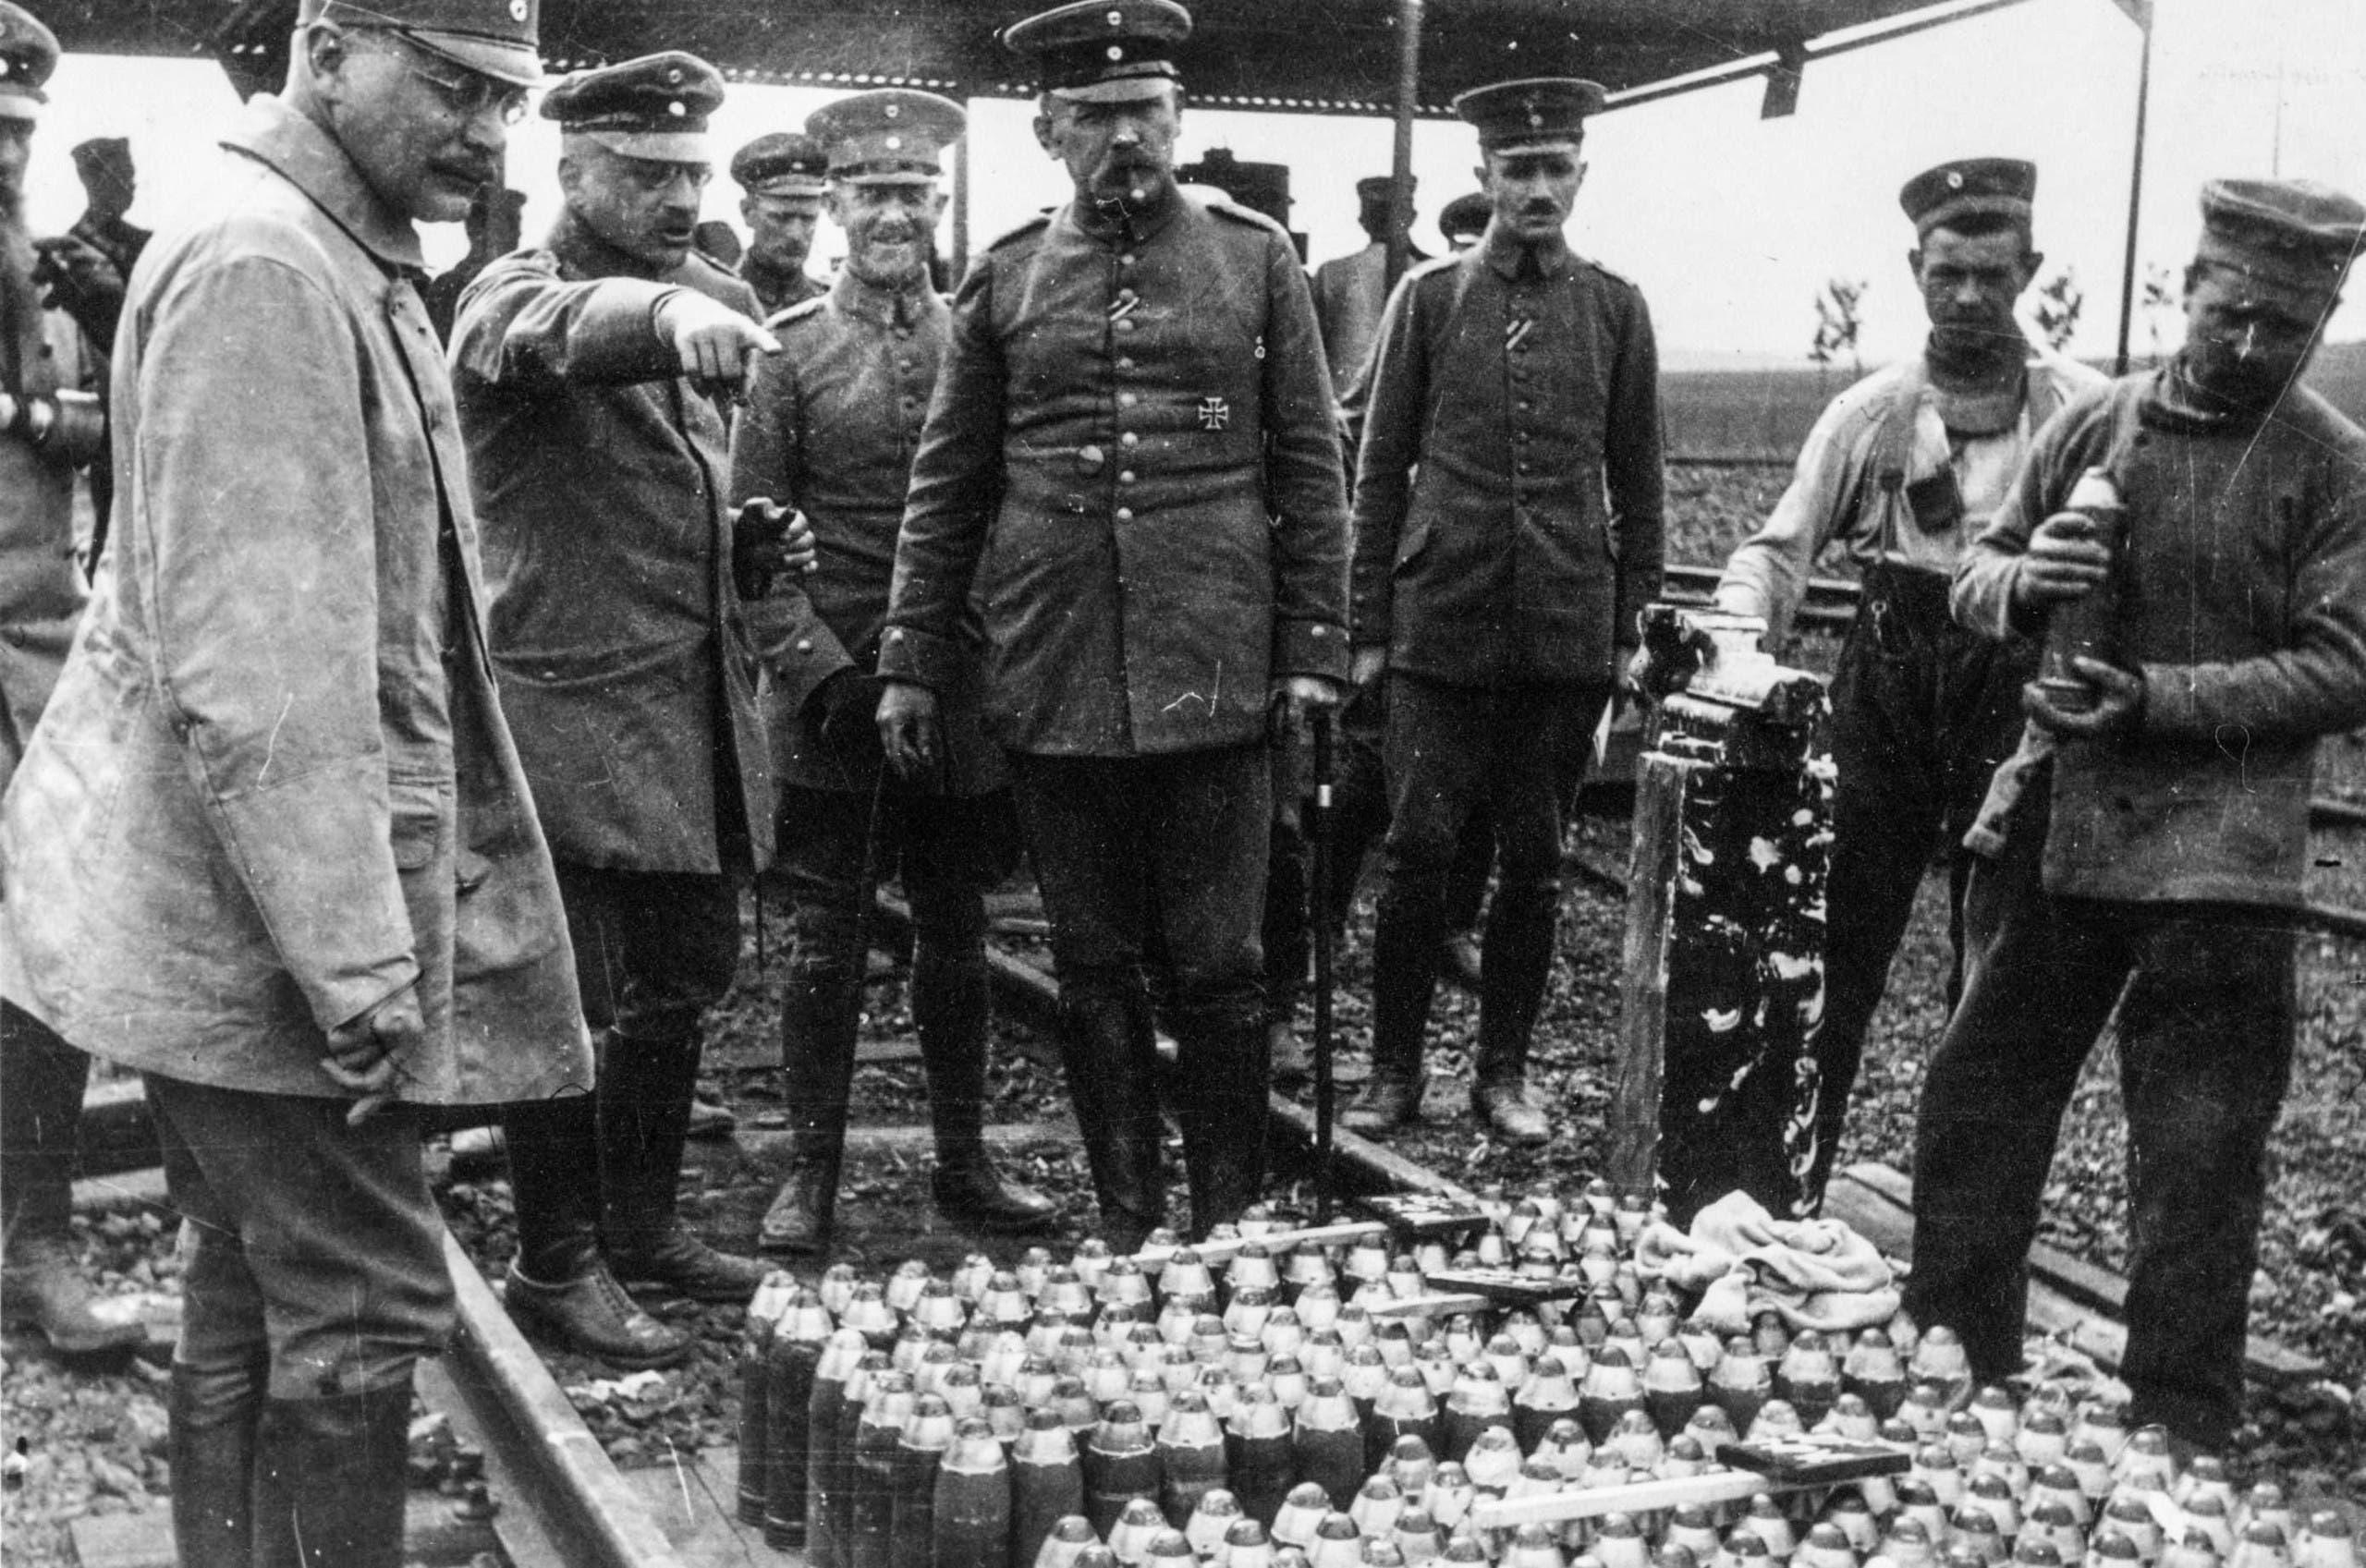 صورة لعملية تفقد عدد من الجنرالات الألمان لقذائف مجهزة بعناصر كيماوية خلال الحرب الكبرى